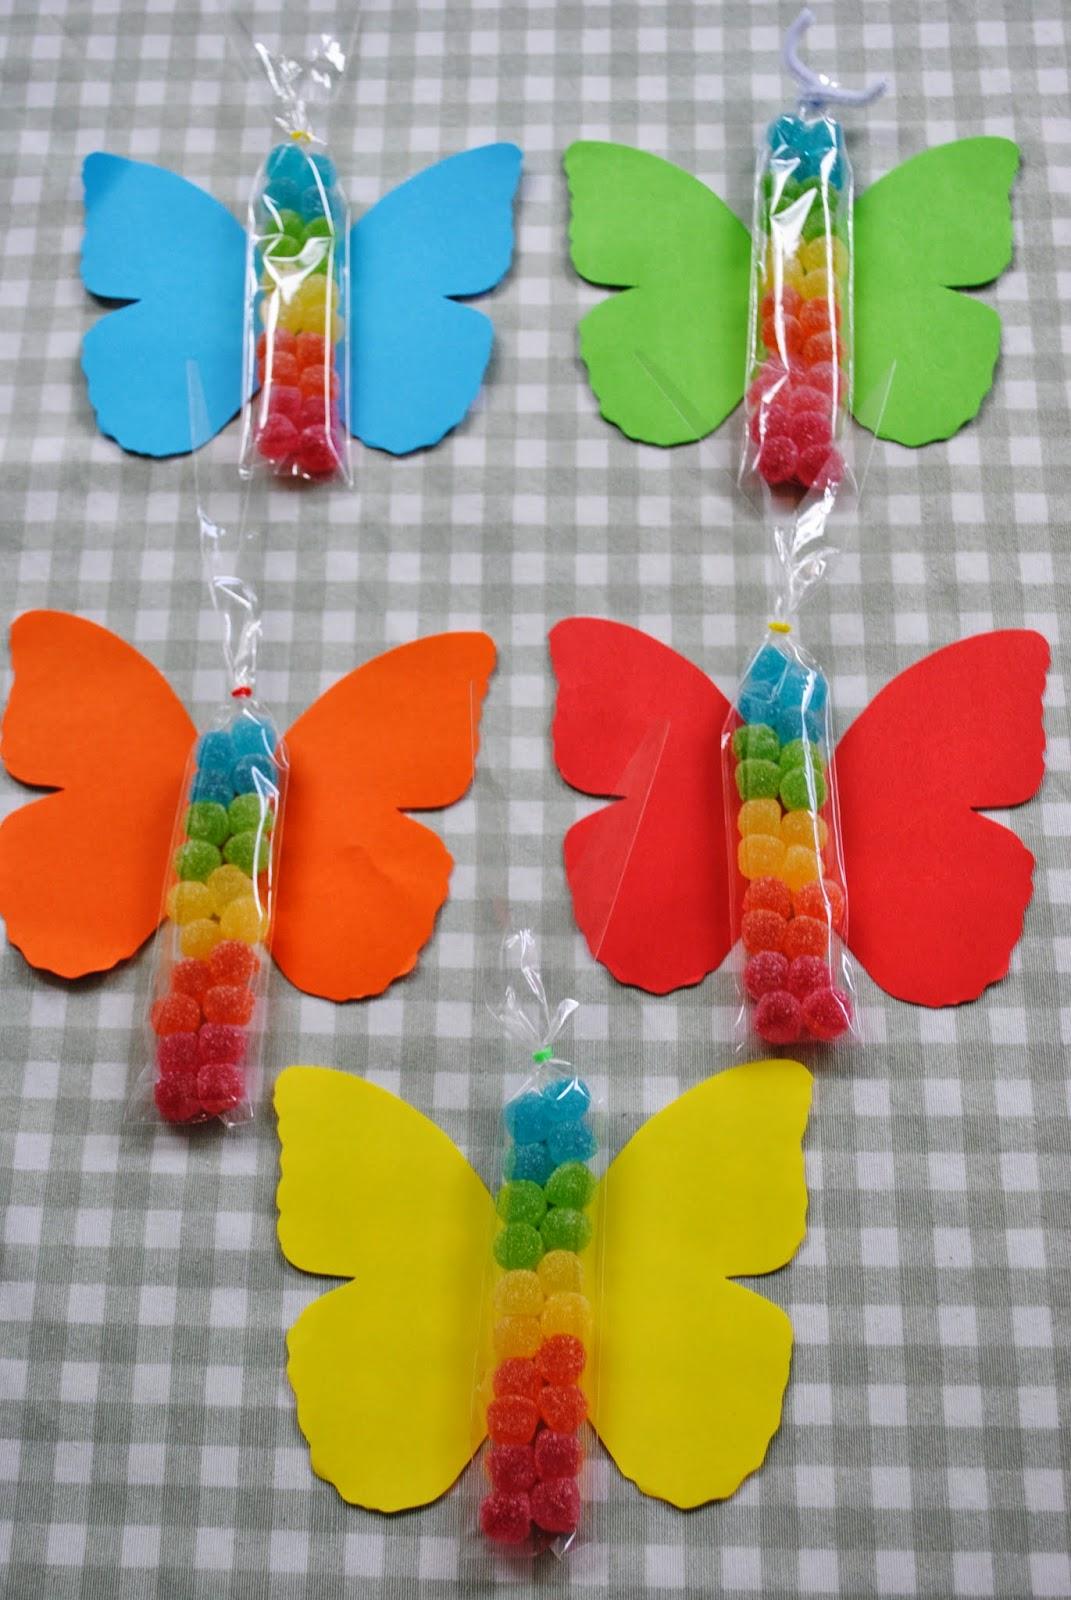 Los detalles de bea las mariposas del cumple de casilda - Detalles para cumples infantiles ...